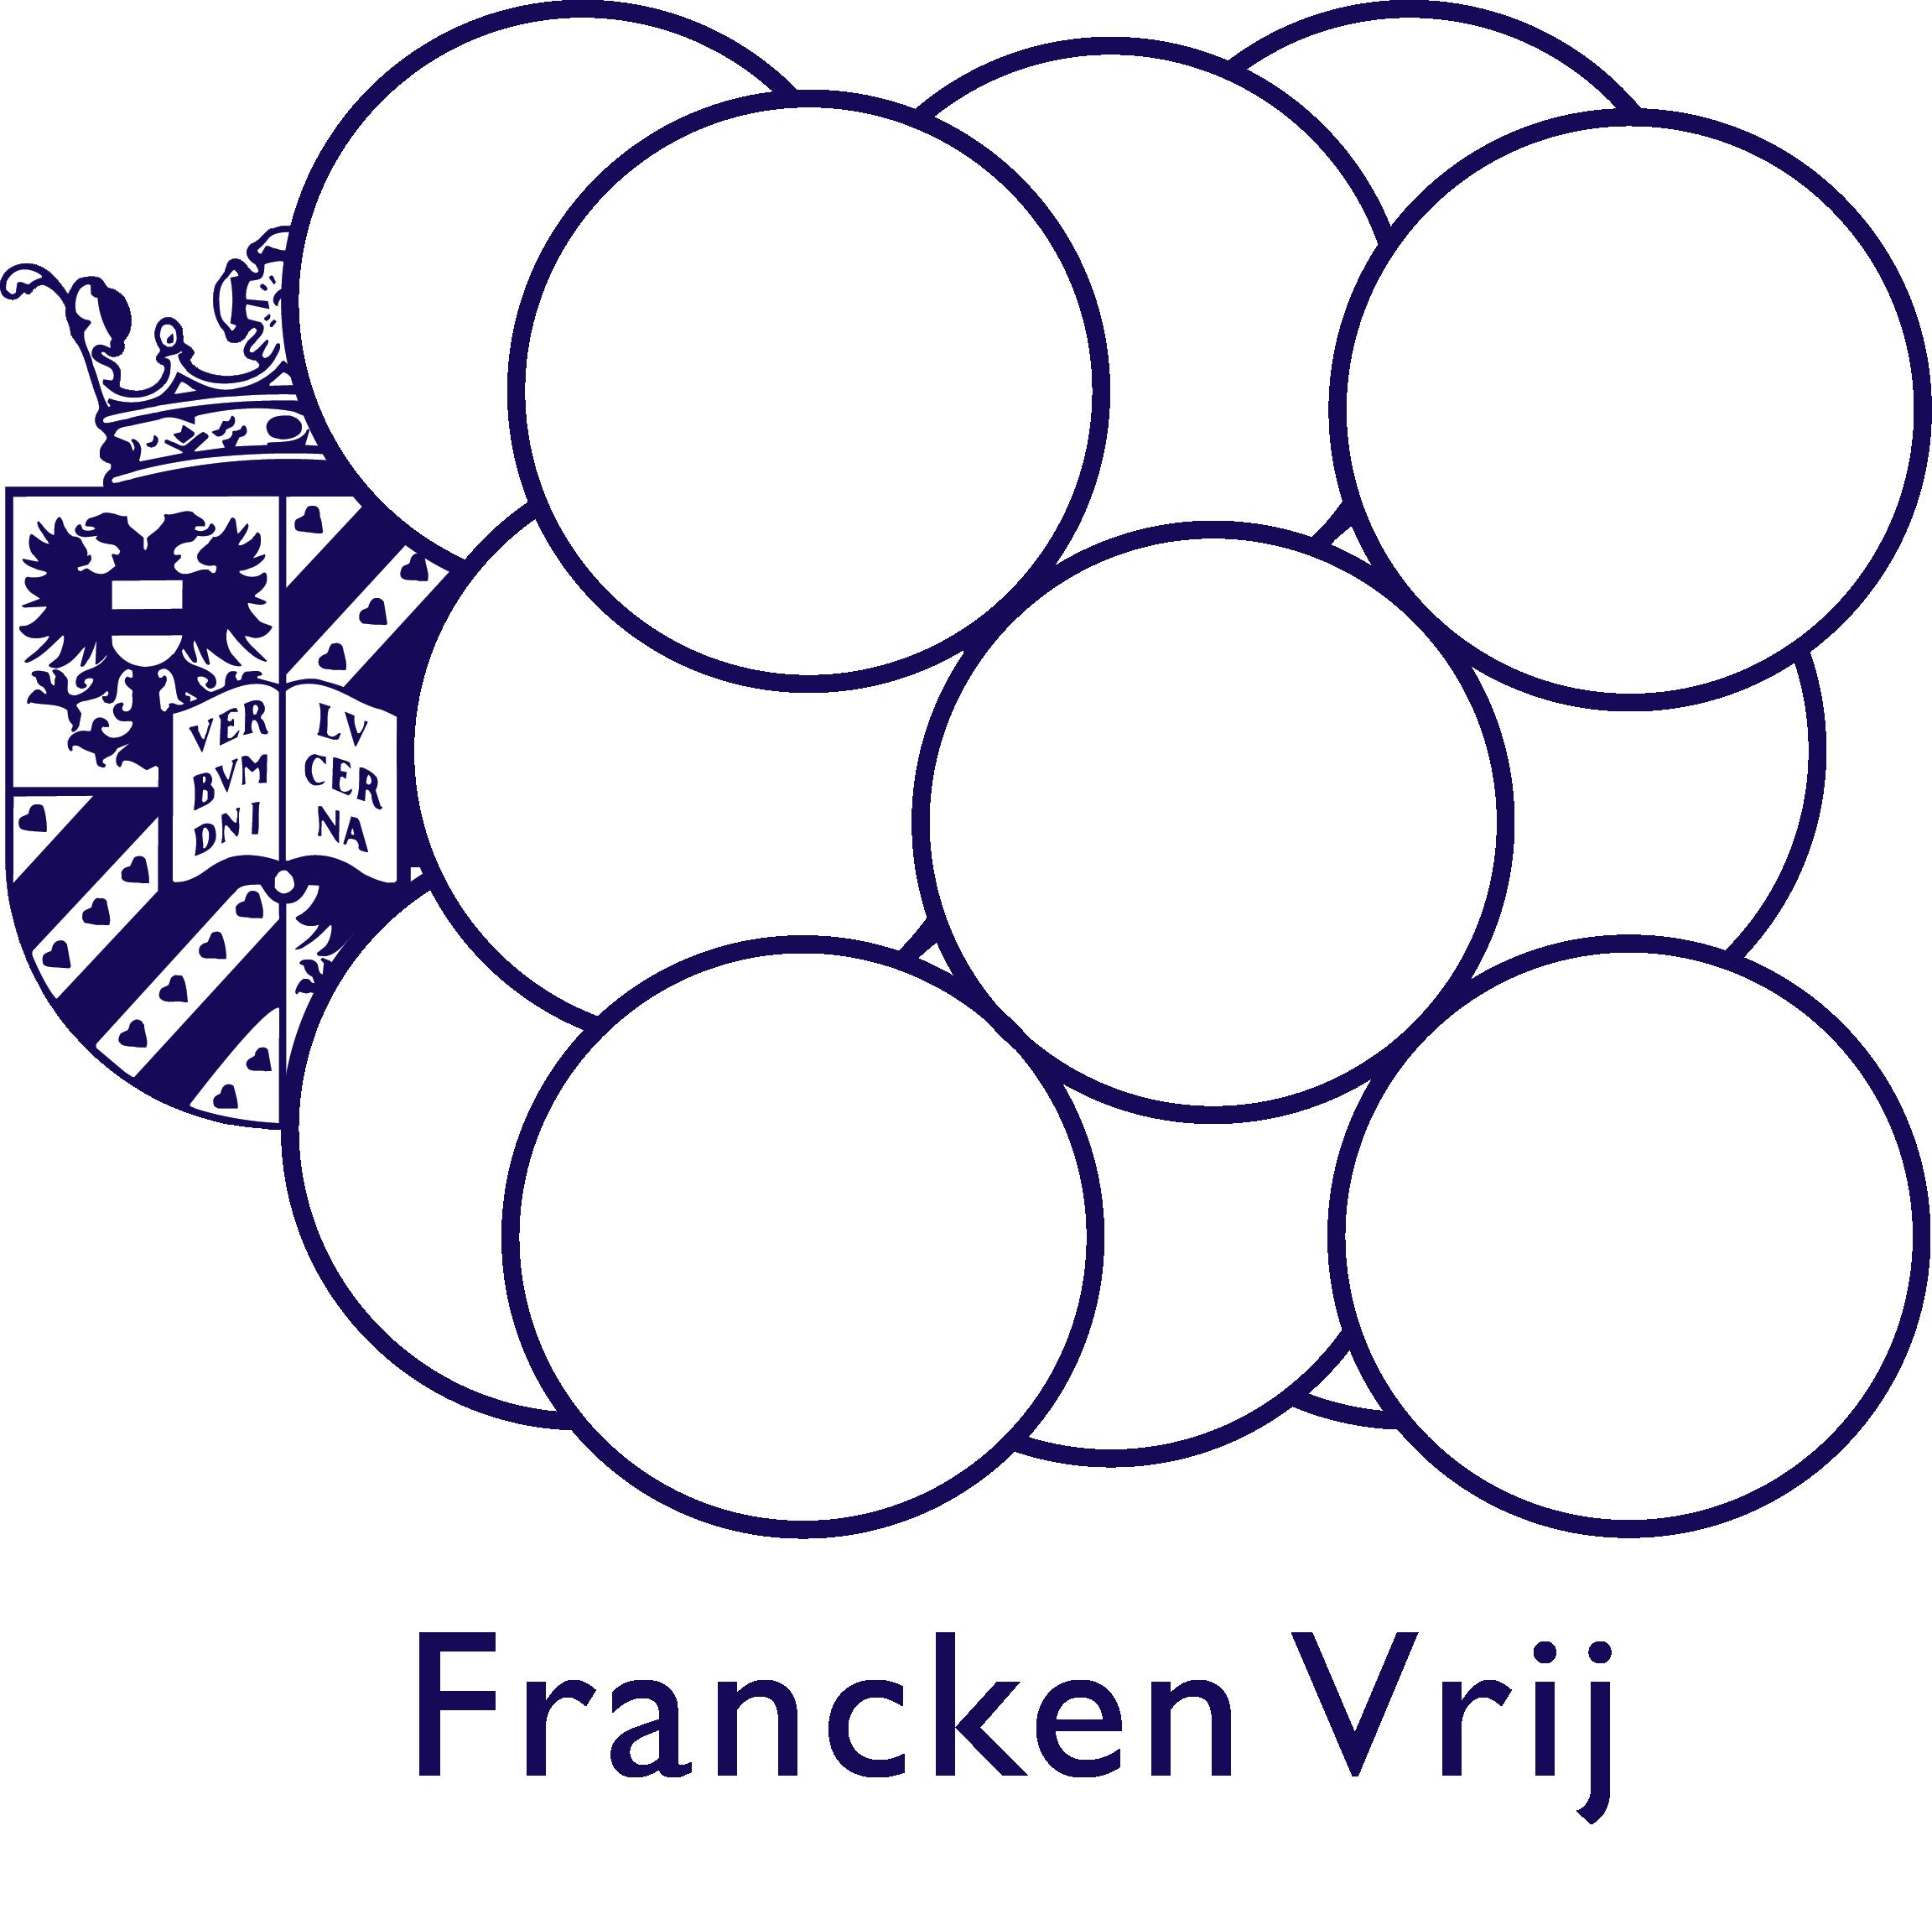 Francken Vrij's logo